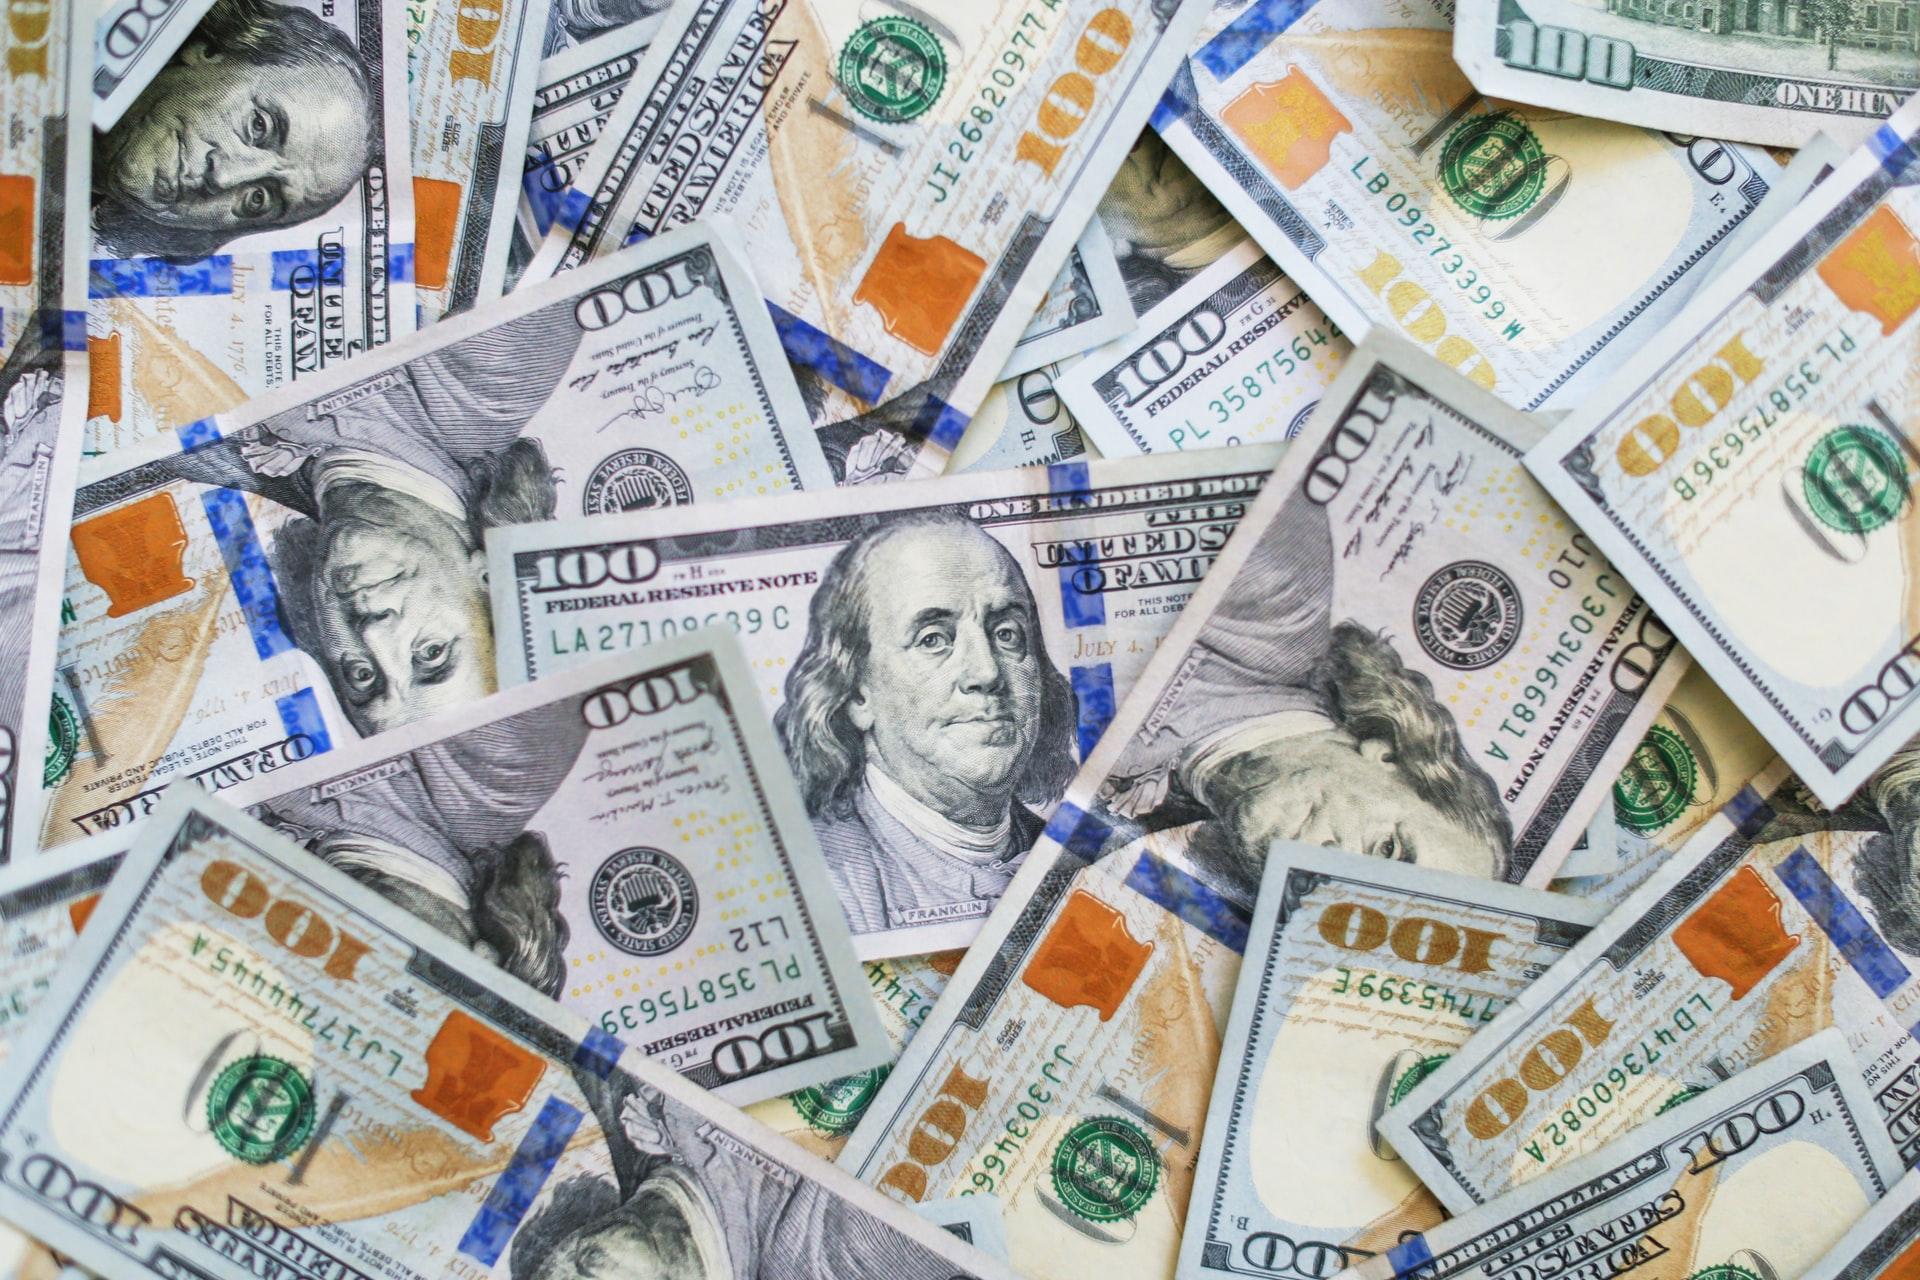 Dolar ve euro kuru düşmeye devam ediyor! Bugün dolar kuru ne kadar oldu? İşte 23 Haziran 2021 Çarşamba Serbest piyasa güncel döviz kuru fiyatları